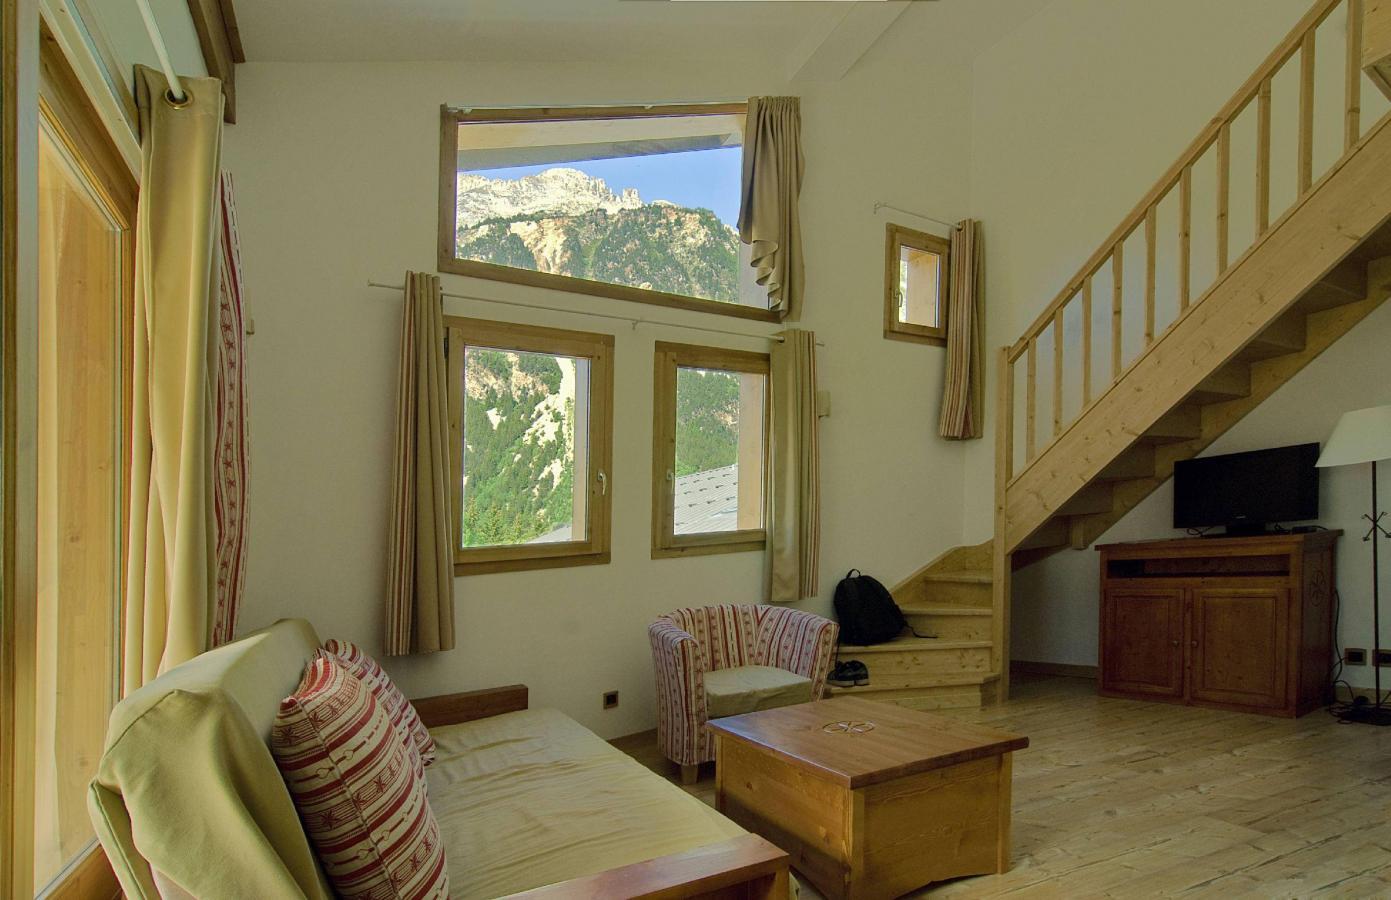 Location au ski Residence Les Jardins De La Vanoise - Pralognan-la-Vanoise - Séjour